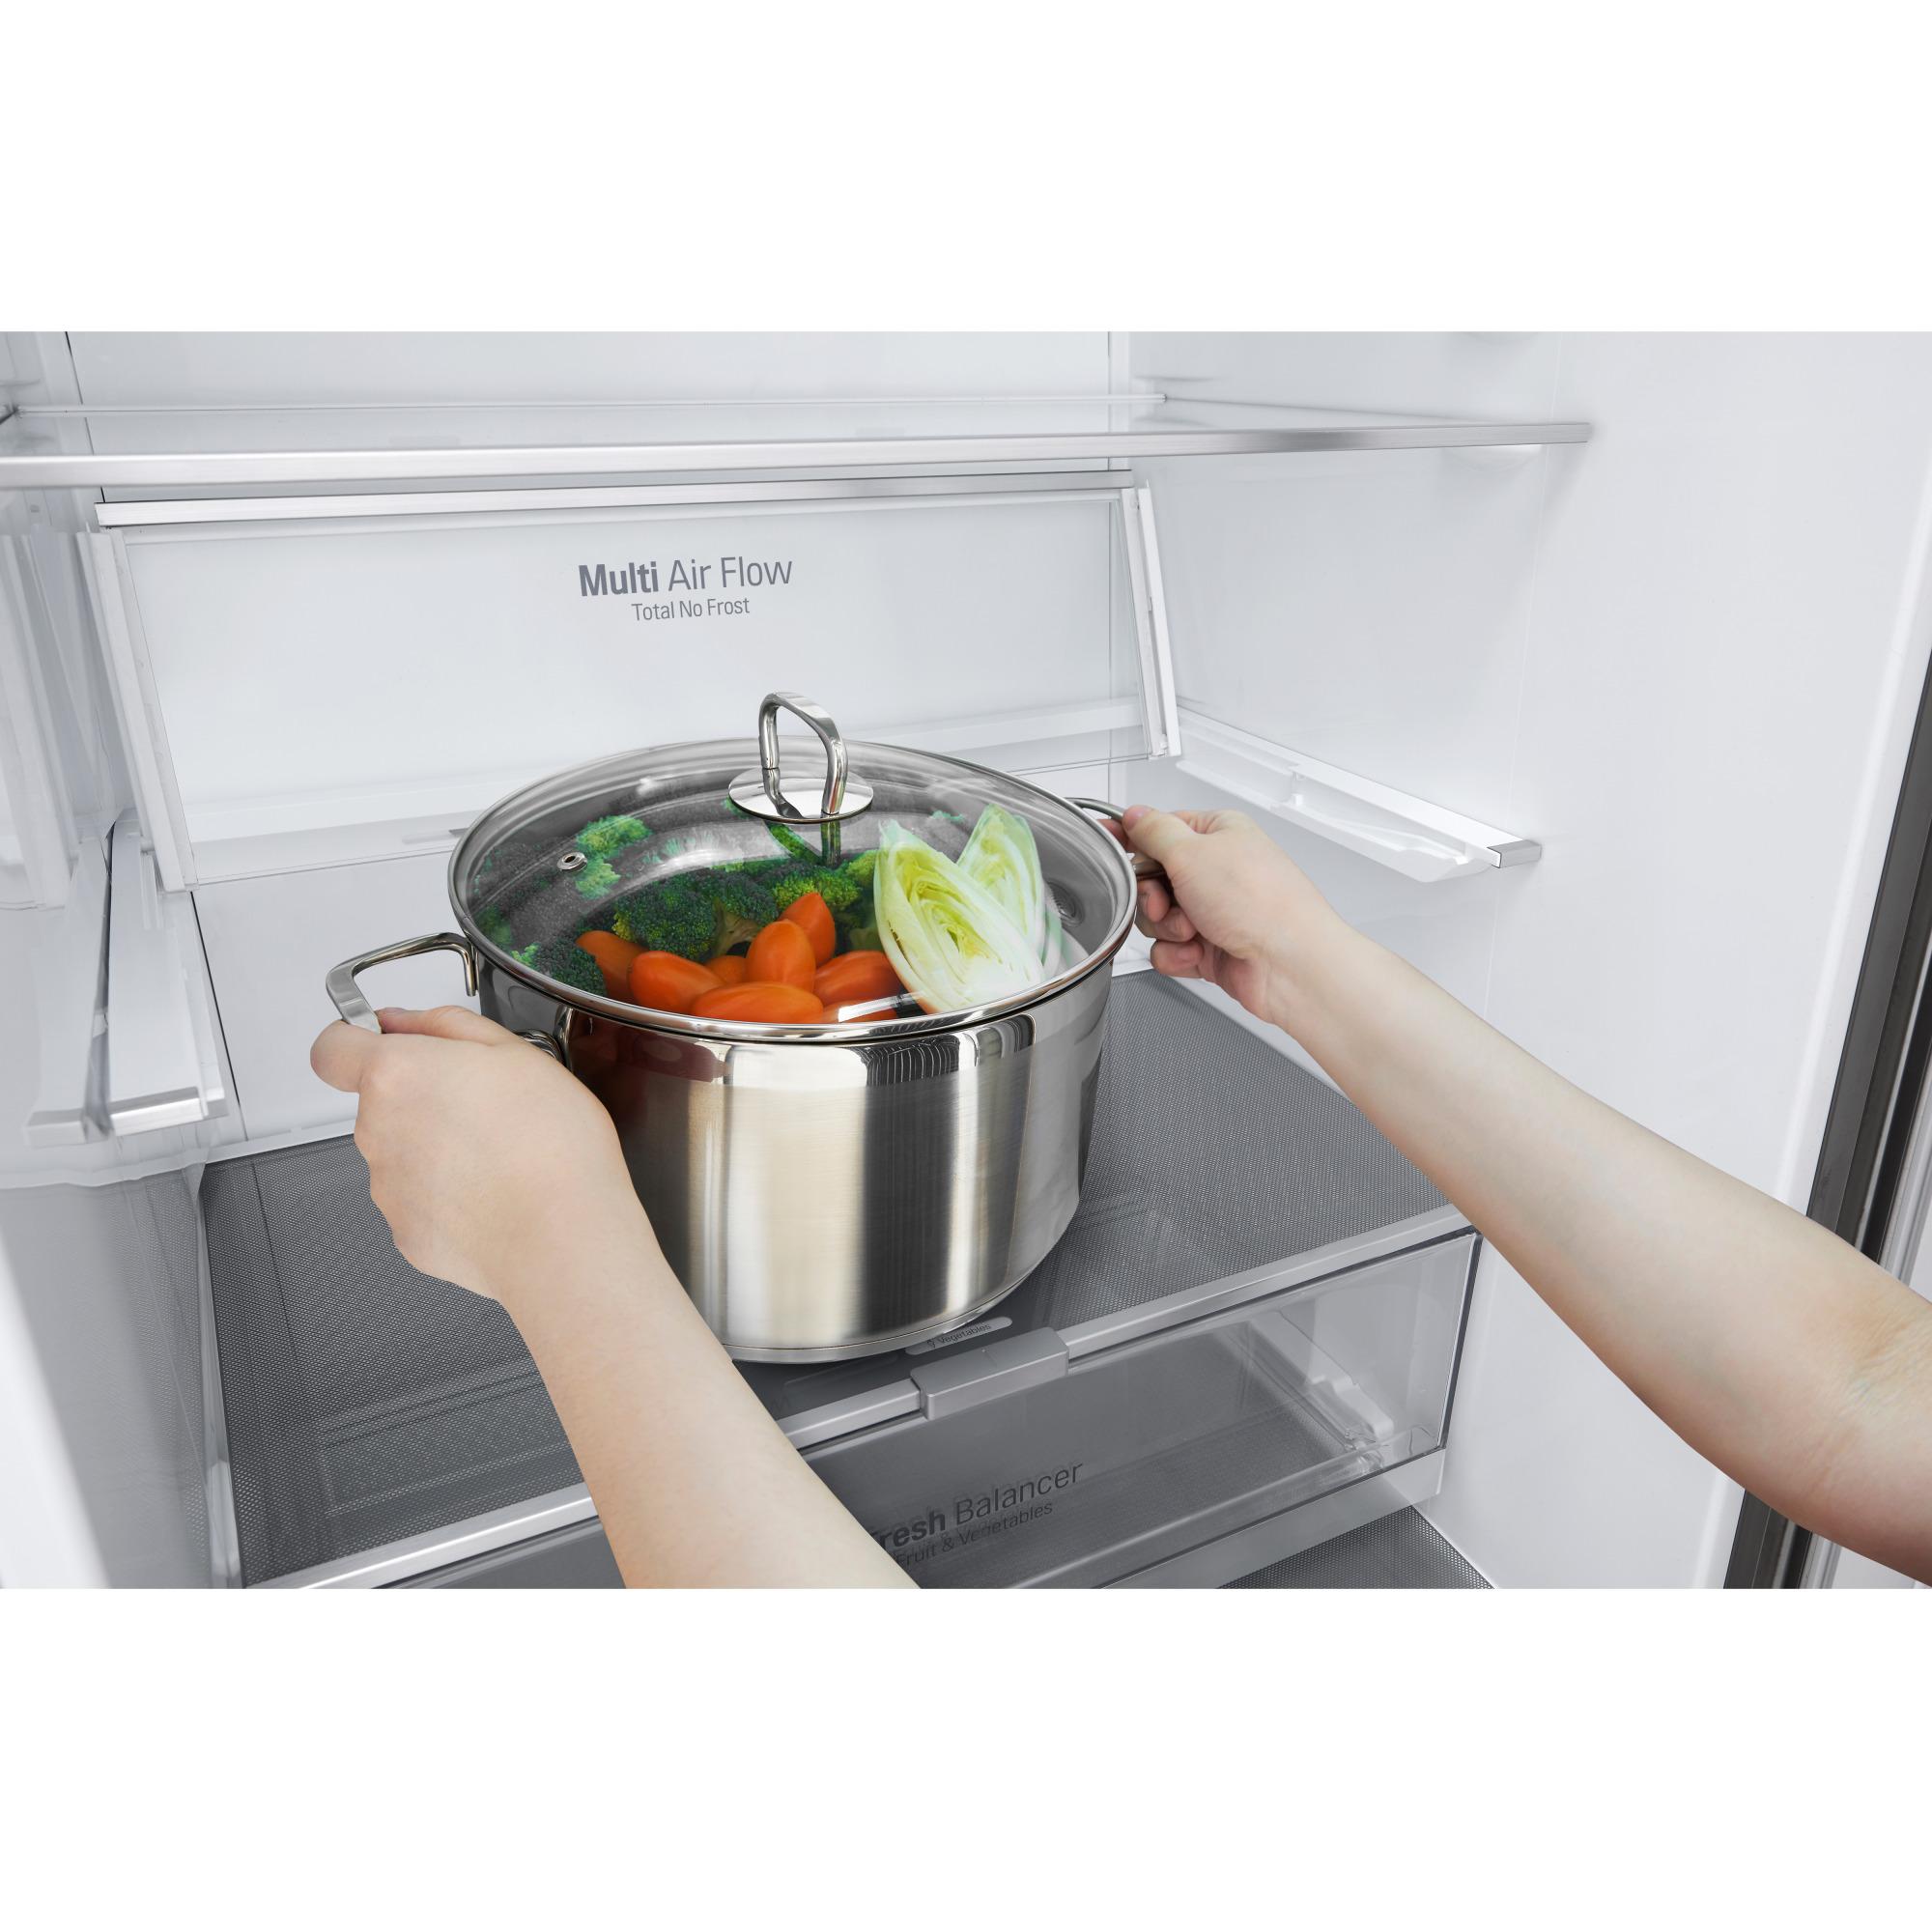 Geladeira/refrigerador 451 Litros 2 Portas Inox - LG - 220v - Gc-b659bsb1